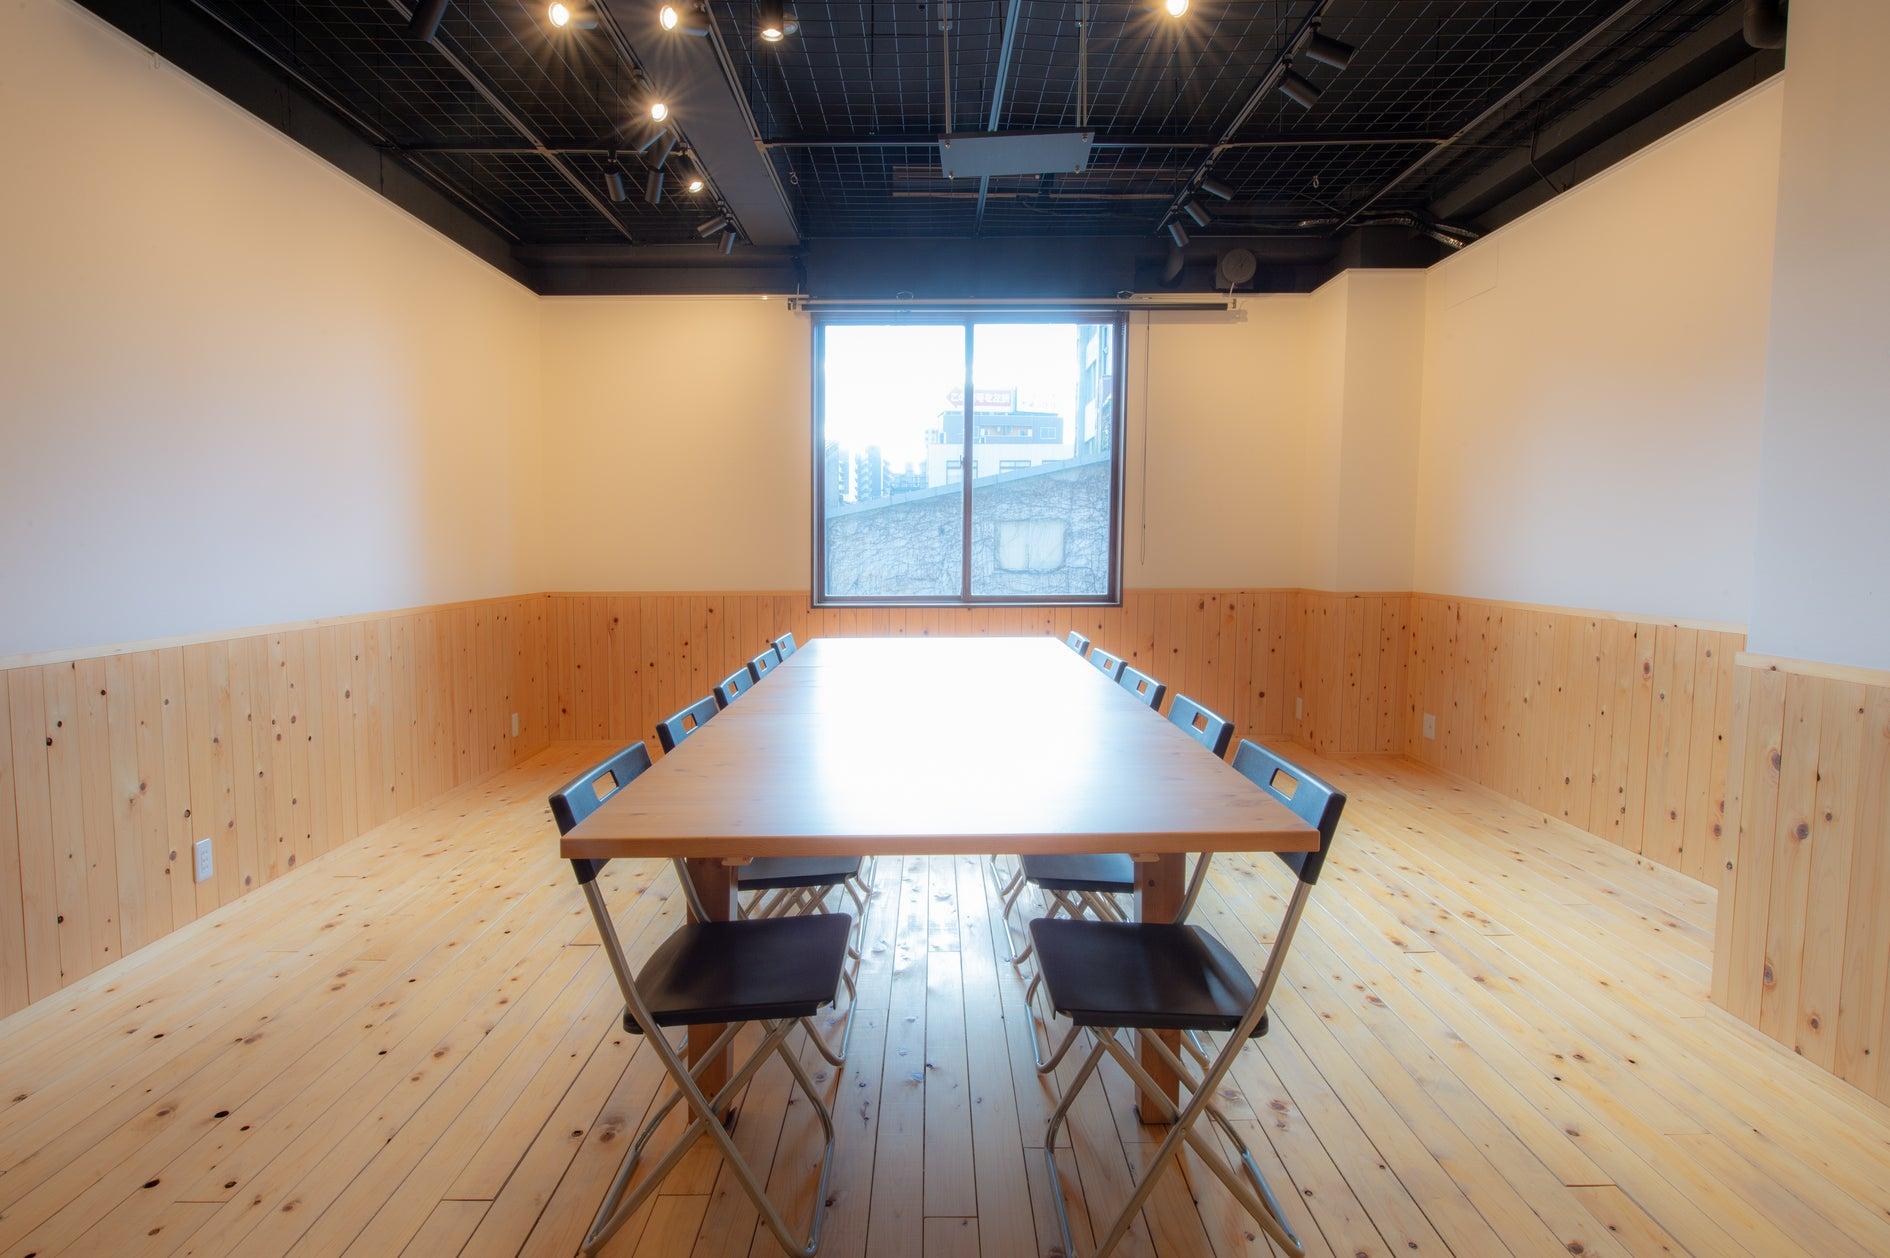 【大阪・江坂】落ち着いたギャラリースペースで個展・展示会・セミナー・ワークショップ・会議・撮影など使い方自由!【新大阪から2駅】 の写真